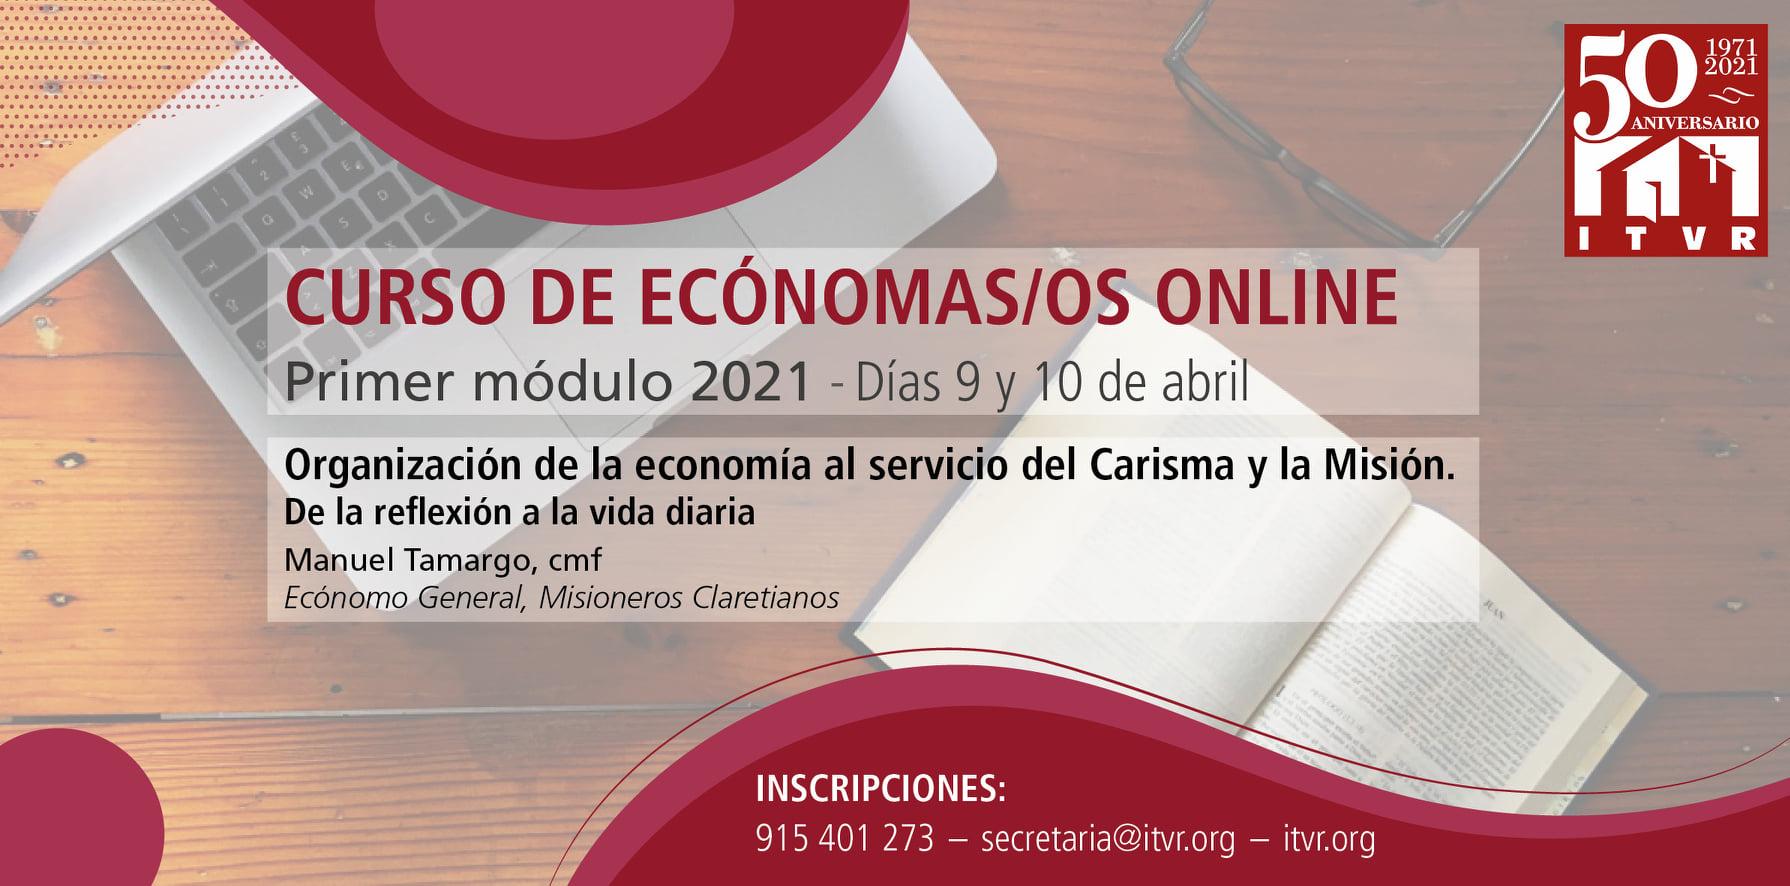 CURSO DE ECONOMOS/AS ON-LINE  (ITVR-MADRID)